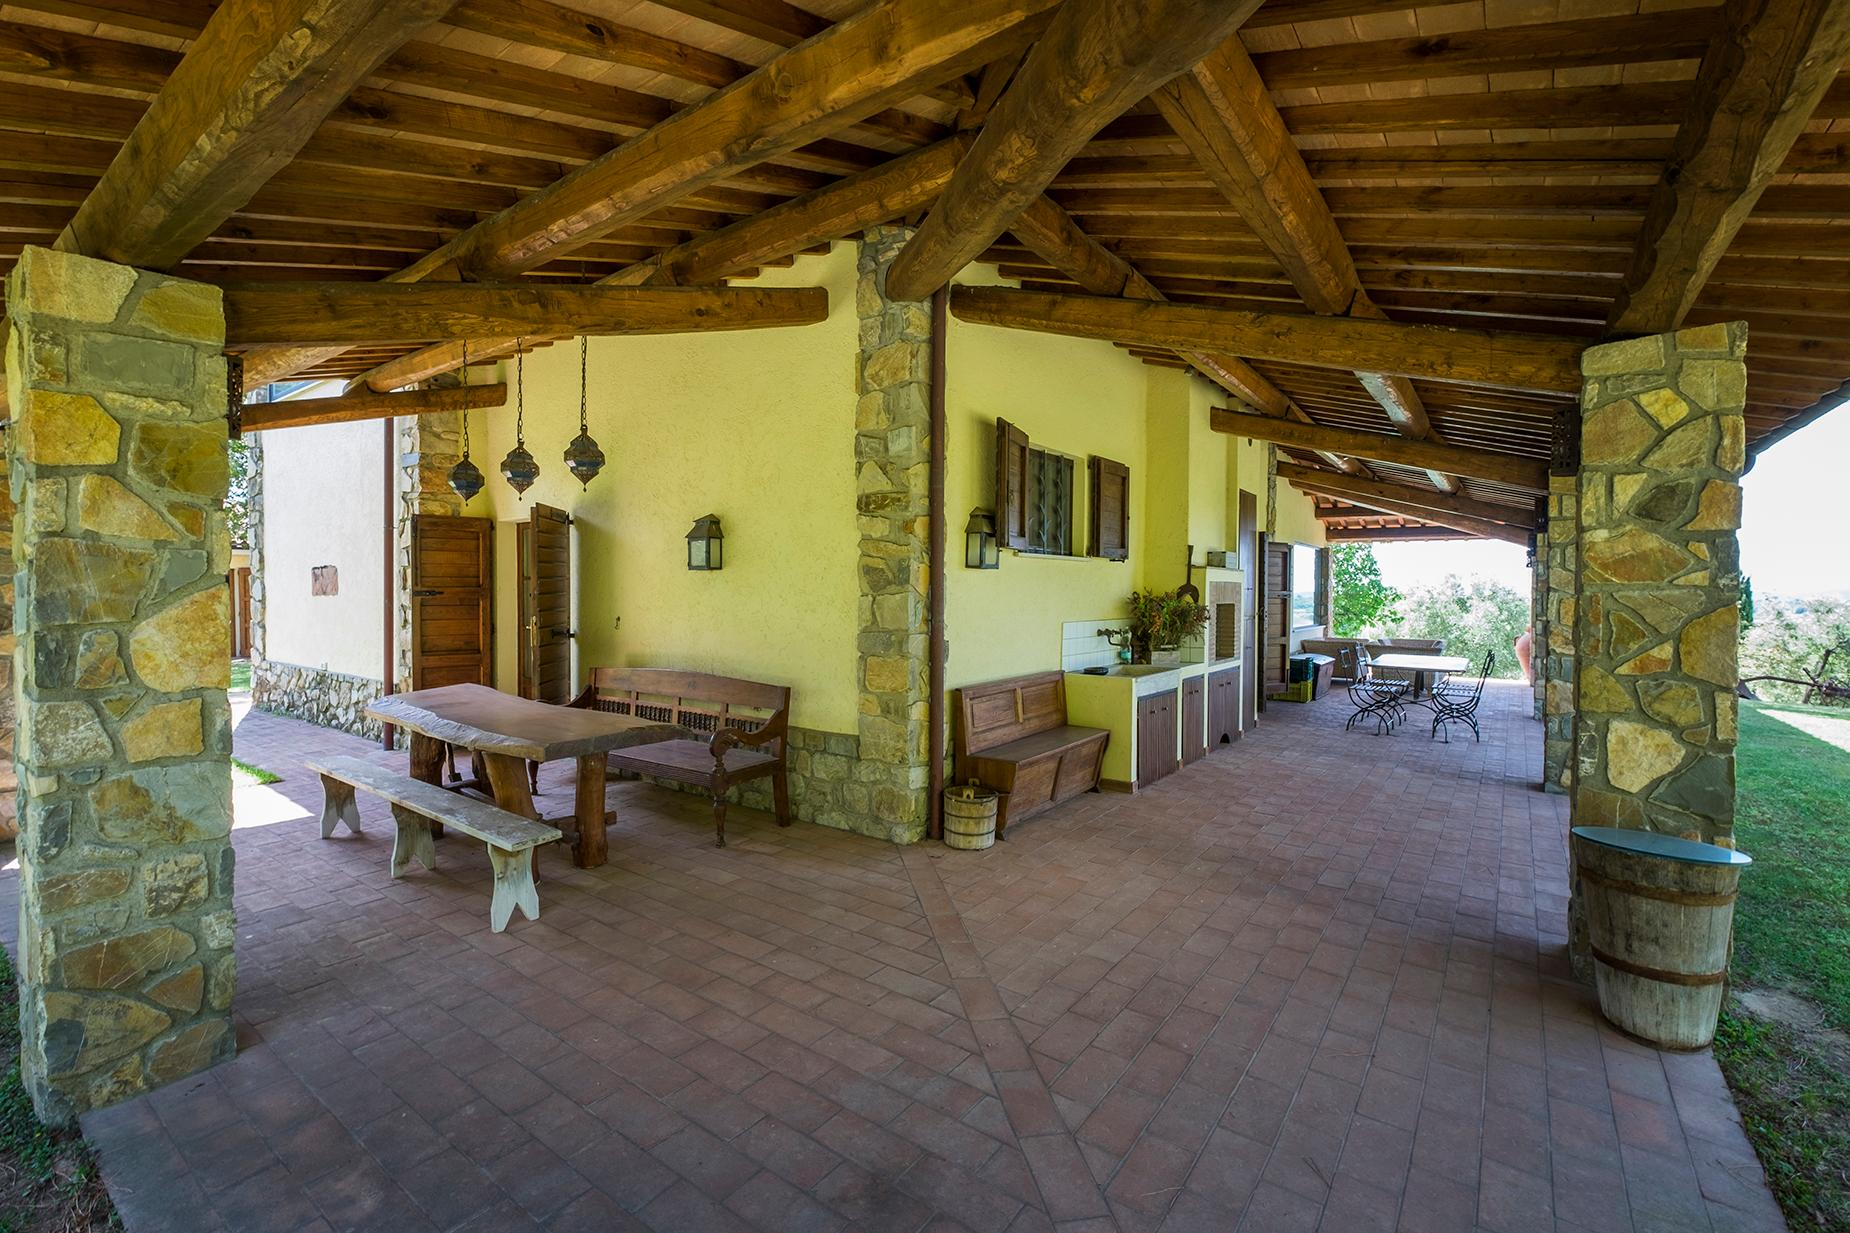 Fein restauriertes Bauernhaus auf den toskanischen Hügeln - 3